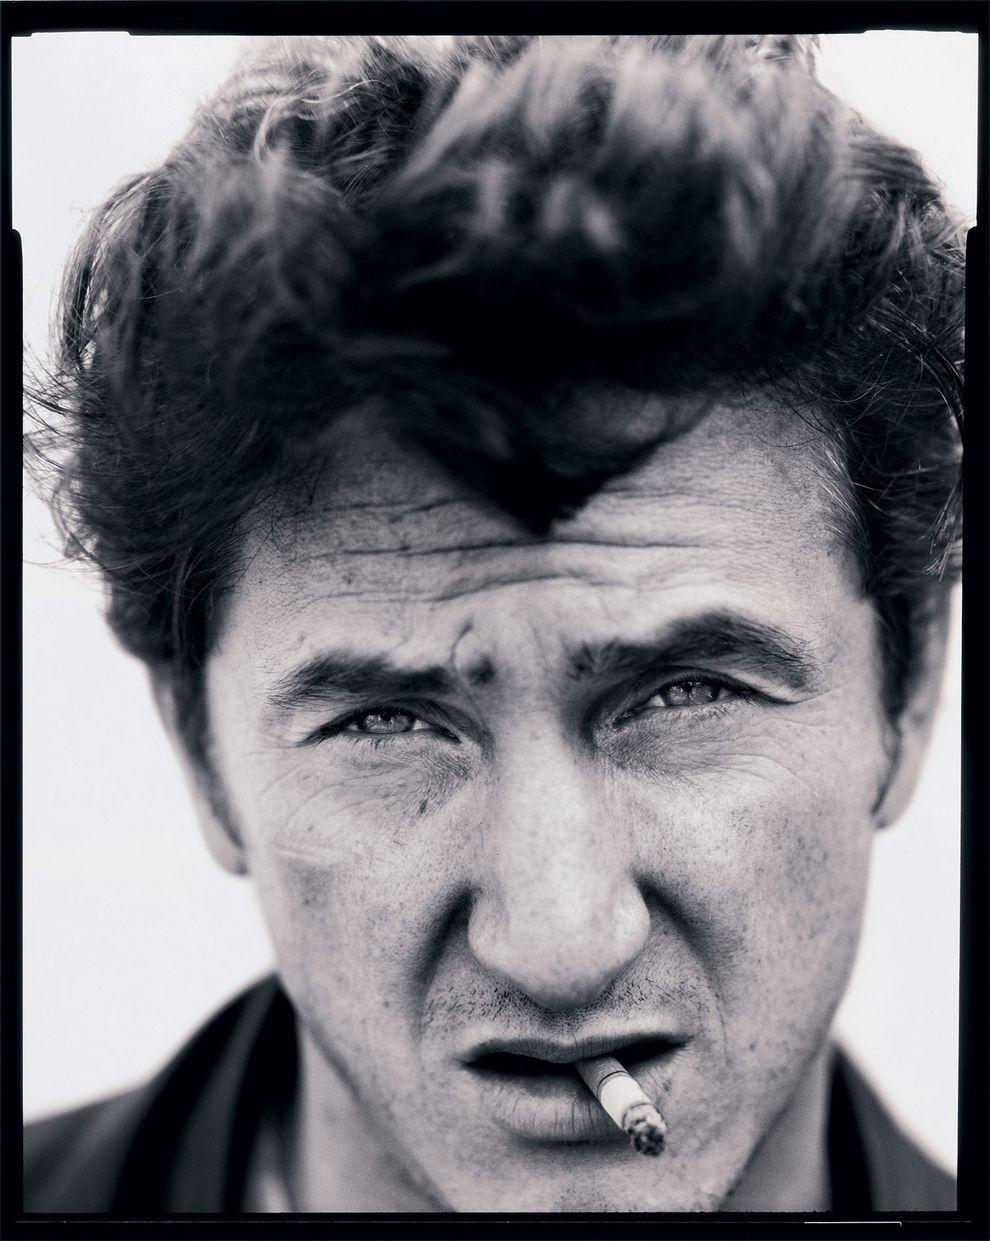 E Sean Penn, Los Angeles, 1992. | 14 retratos de celebridades de cair o queixo